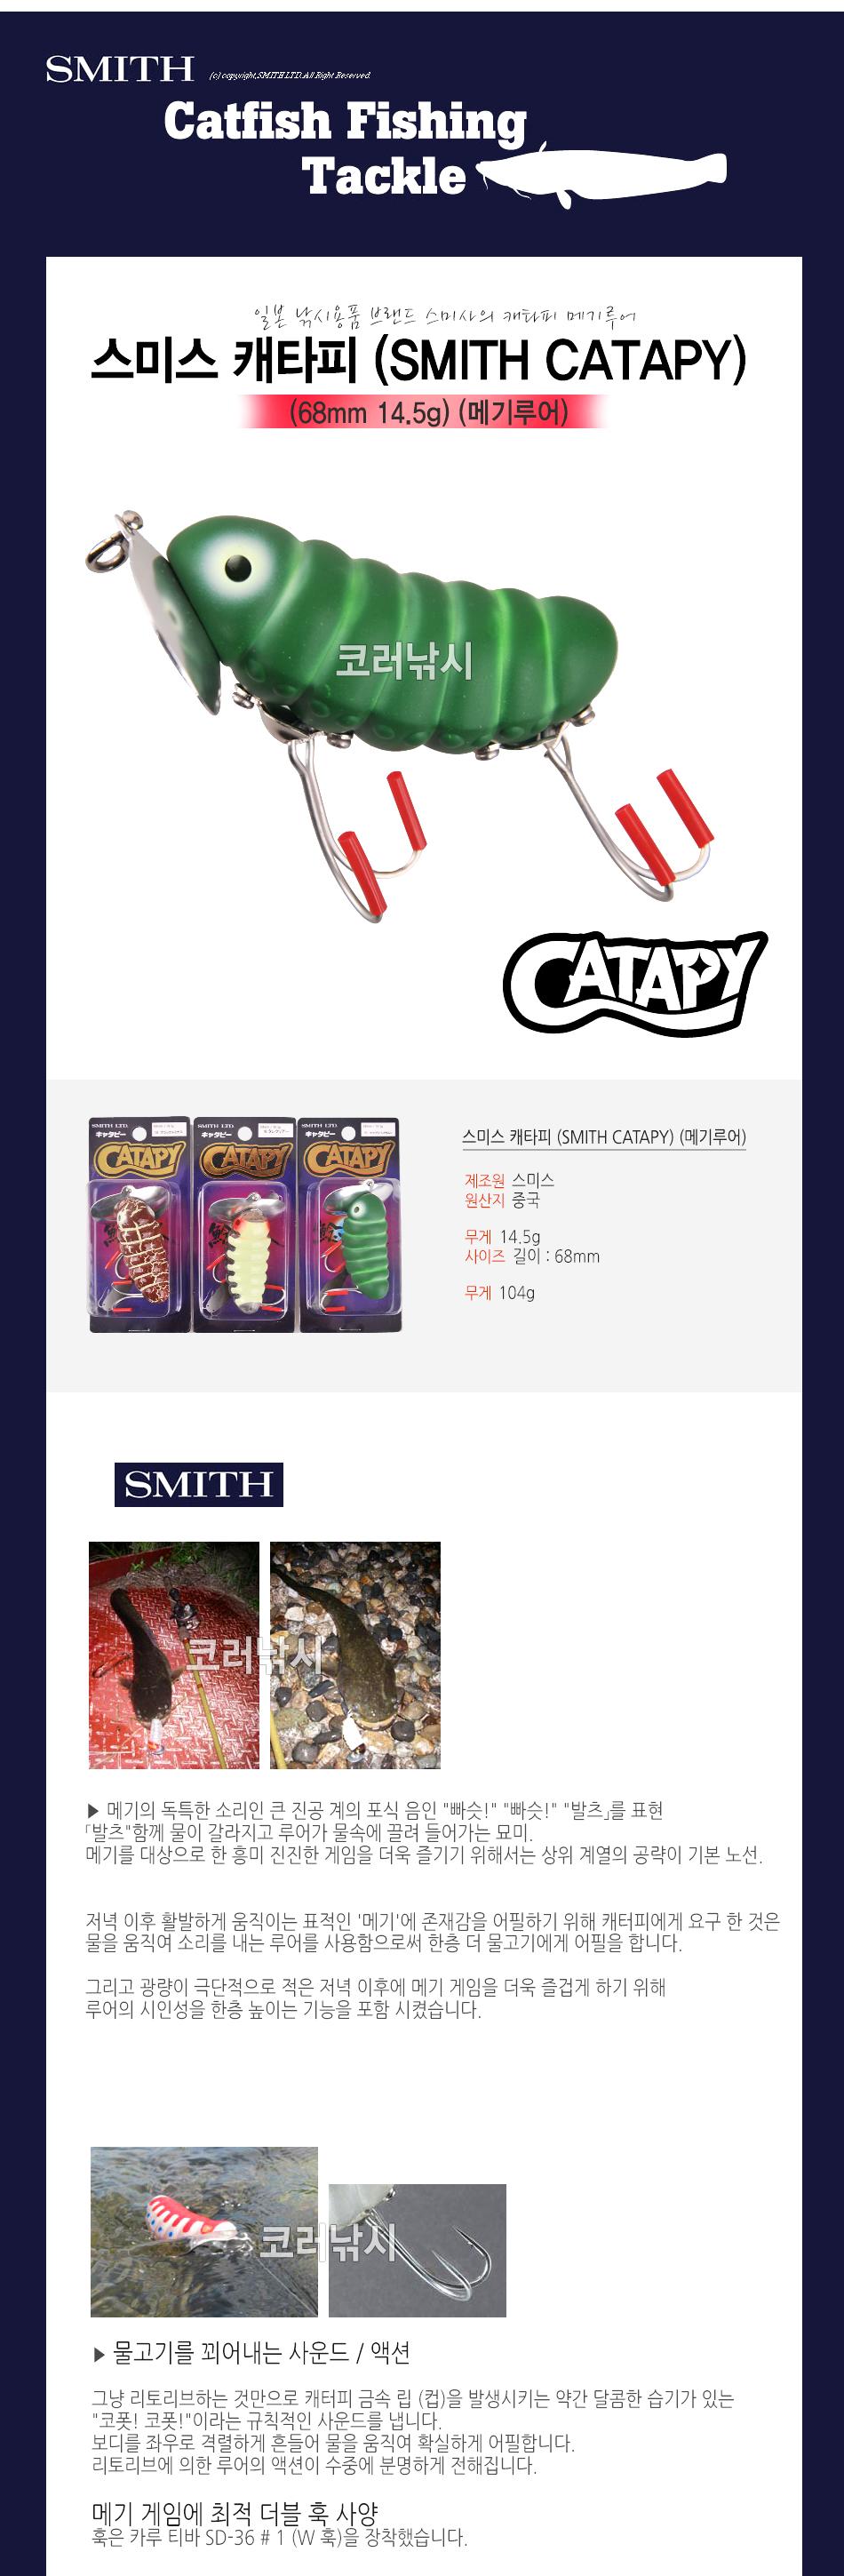 스미스 캐타피 (SMITH CATAPY) (68mm 14.5g) (메기루어) 캬타피 카타피 메기낚시 메기루어낚시 야간메기낚시 야간루어낚시 밤루어낚시 루어밤낚시 메기탑워터 지터벅 지터버그